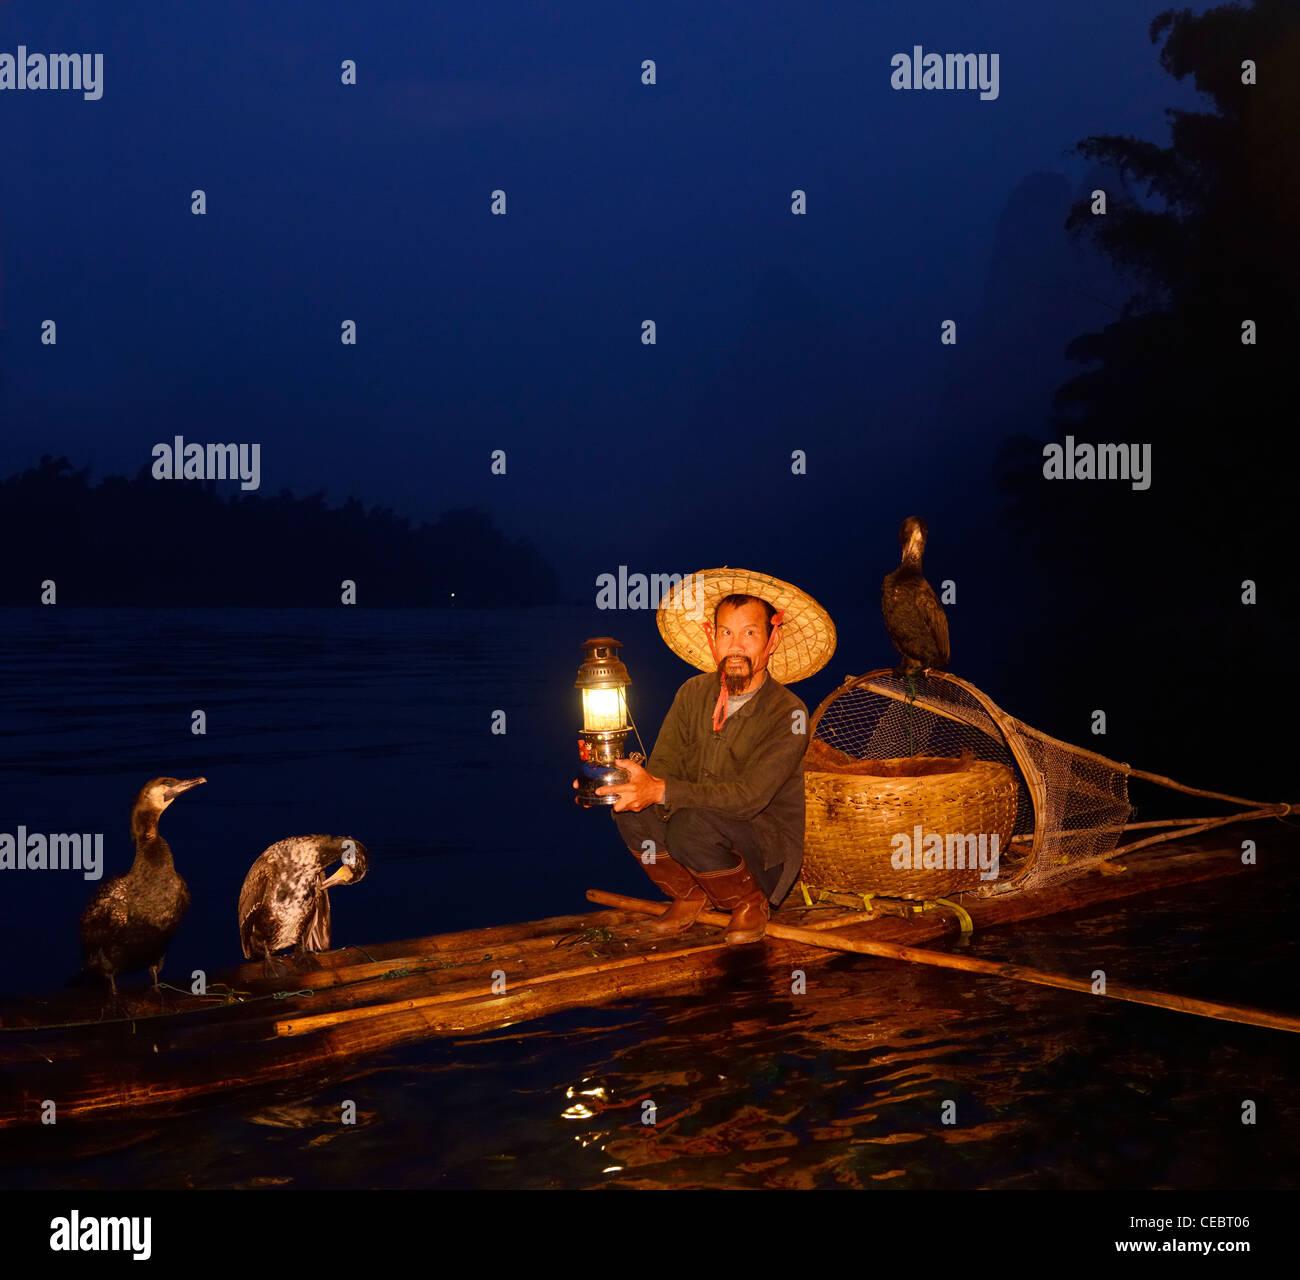 Cormorant fisherman with lamp on bamboo raft at dawn on Li or Lijiang river Xingpingzhen Yangshuo, Guilin, Guangxi China Stock Photo